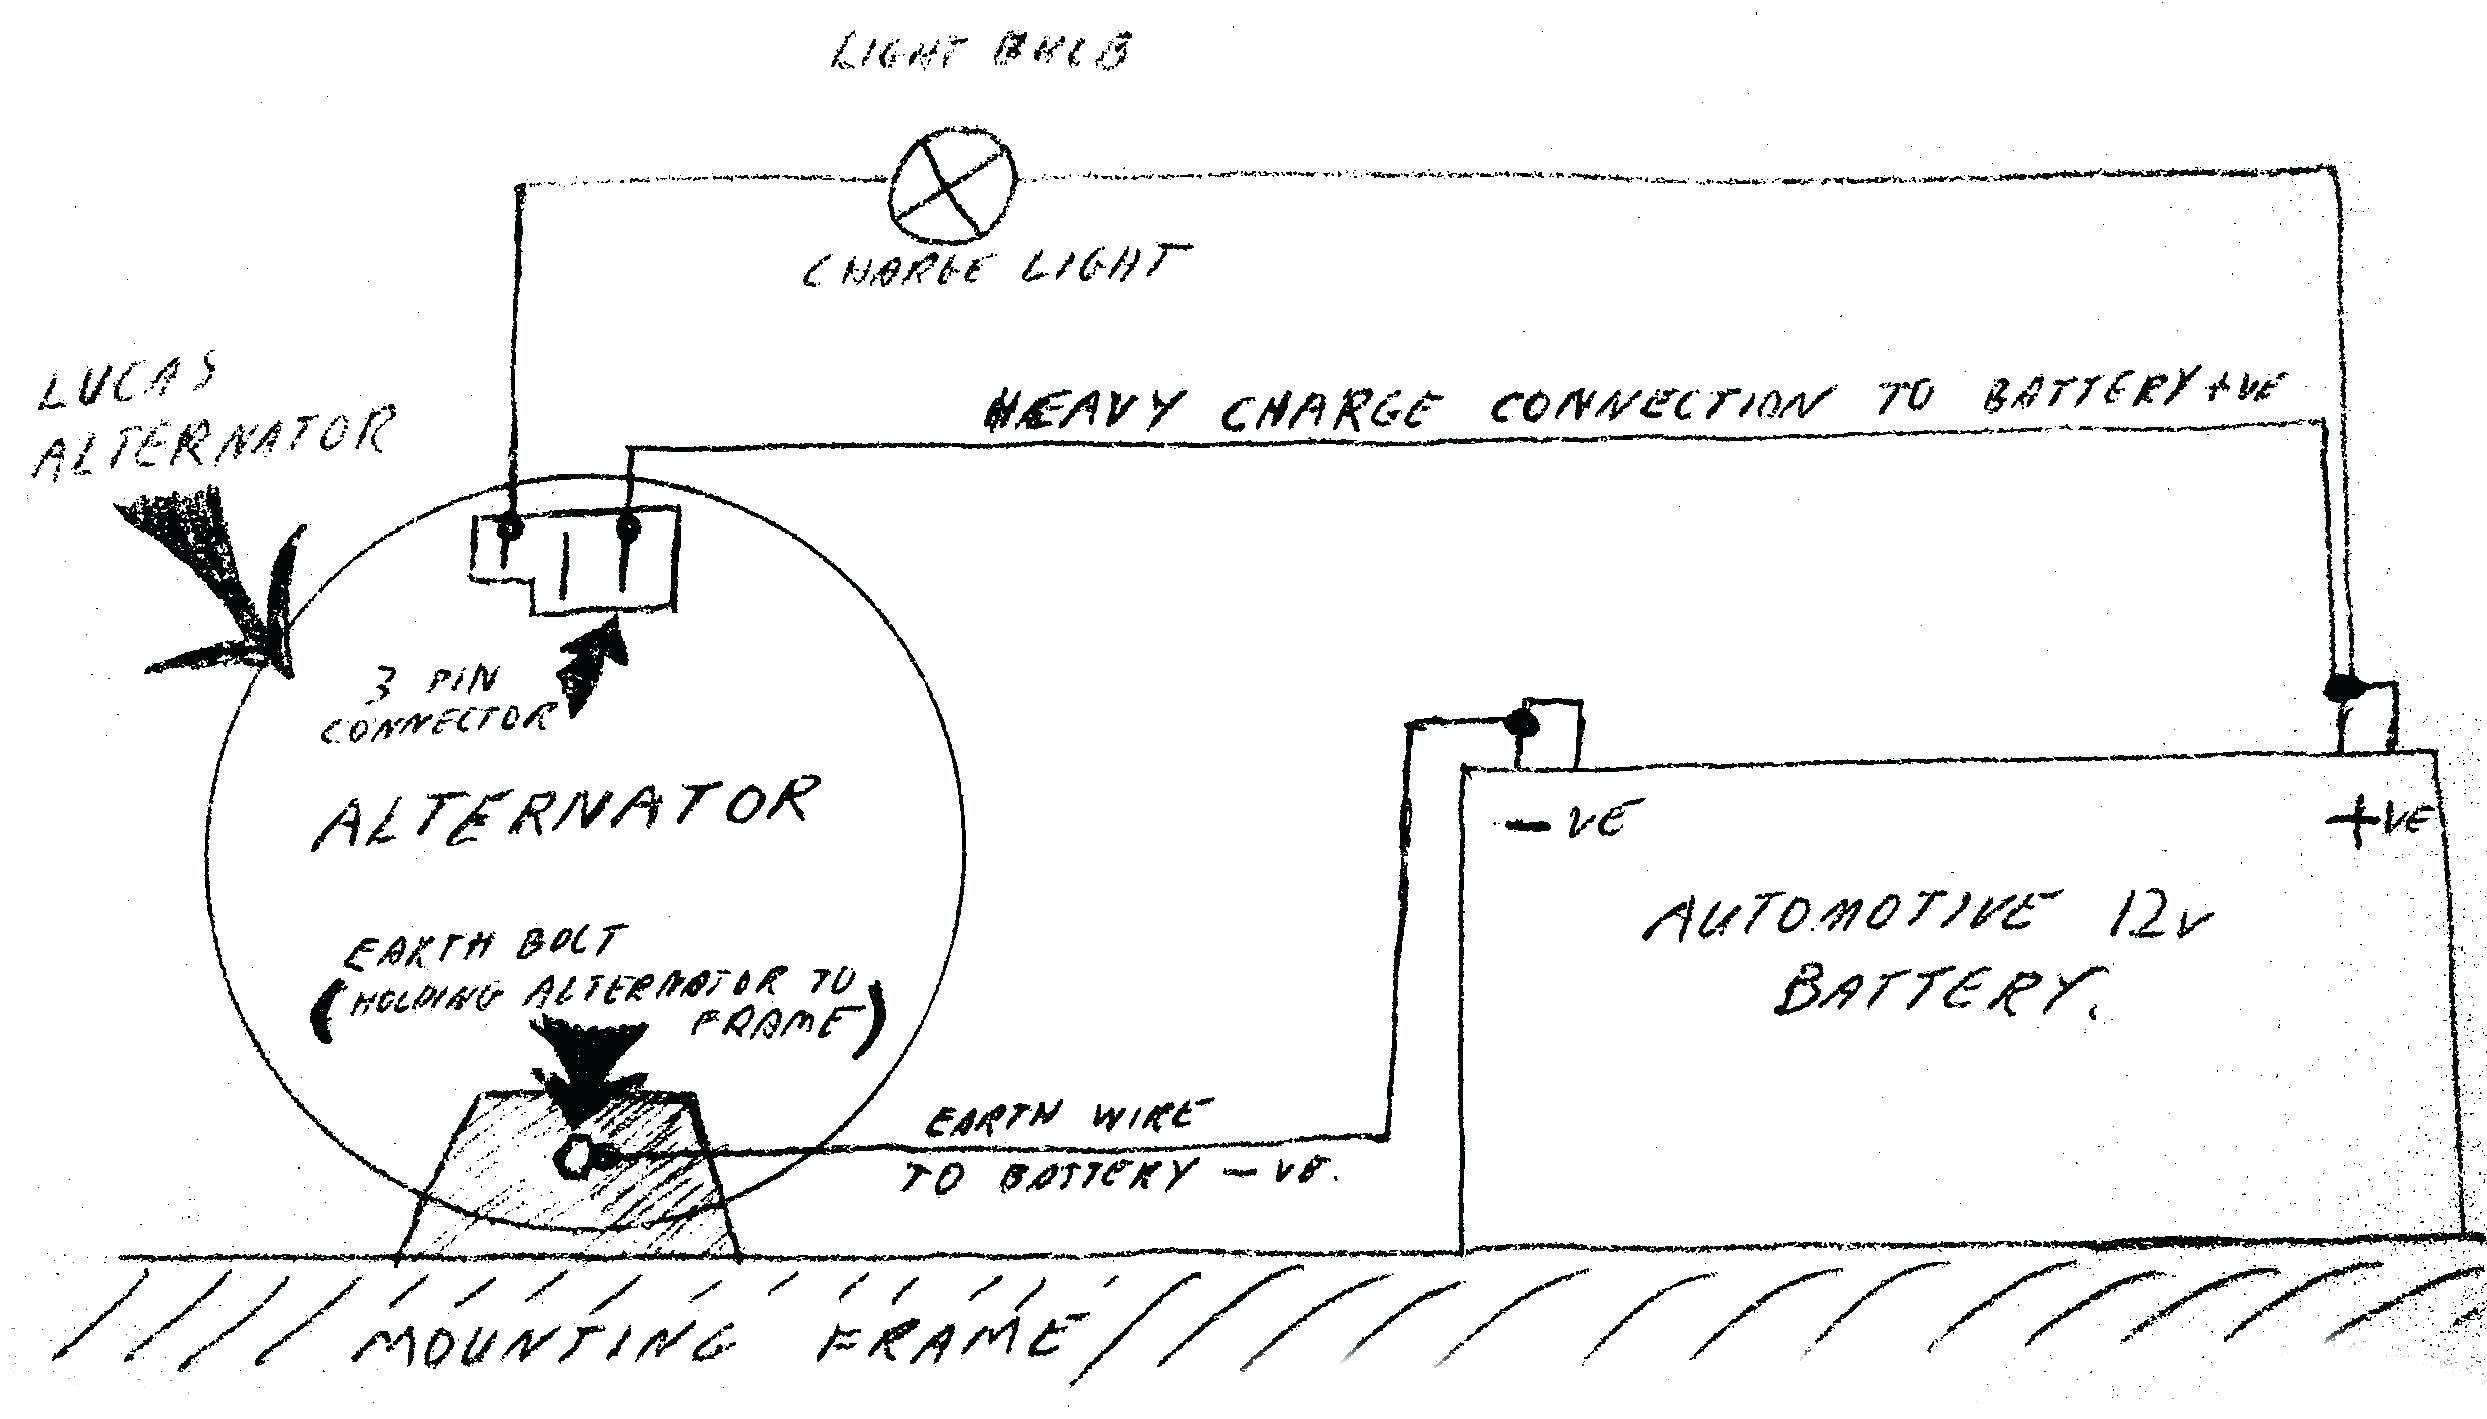 Luxury Wiring Diagram Mercruiser Alternator Diagrams Digramssample Diagramimages Wiringdiagramsample Wiringdi Car Alternator Alternator Electrical Diagram